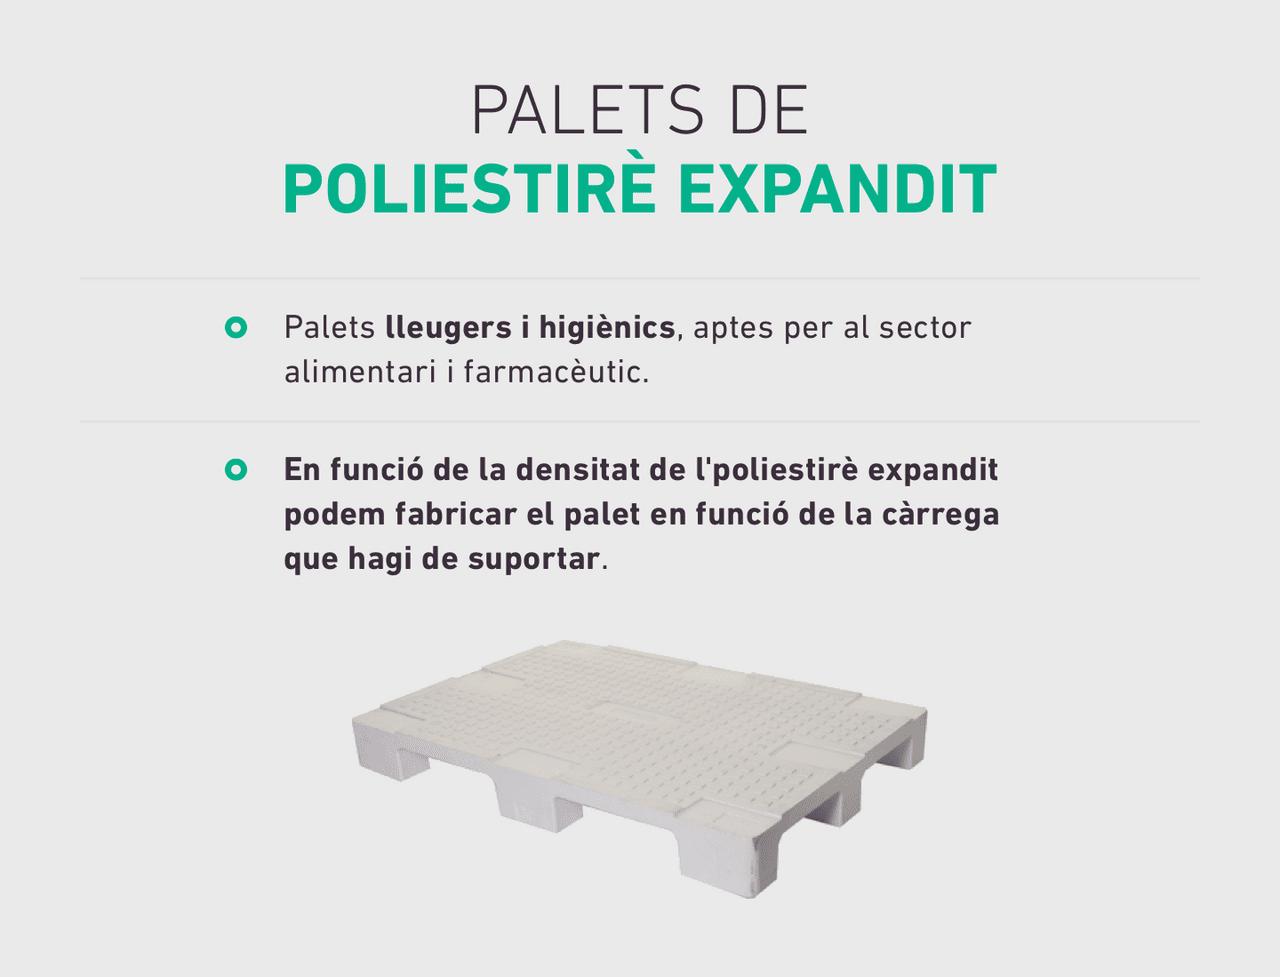 Palets lleugers i higiènics, aptes per al sector alimentari i farmacèutic. En funció de la densitat de l'poliestirè expandit podem fabricar el palet en funció de la càrrega que hagi de suportar.